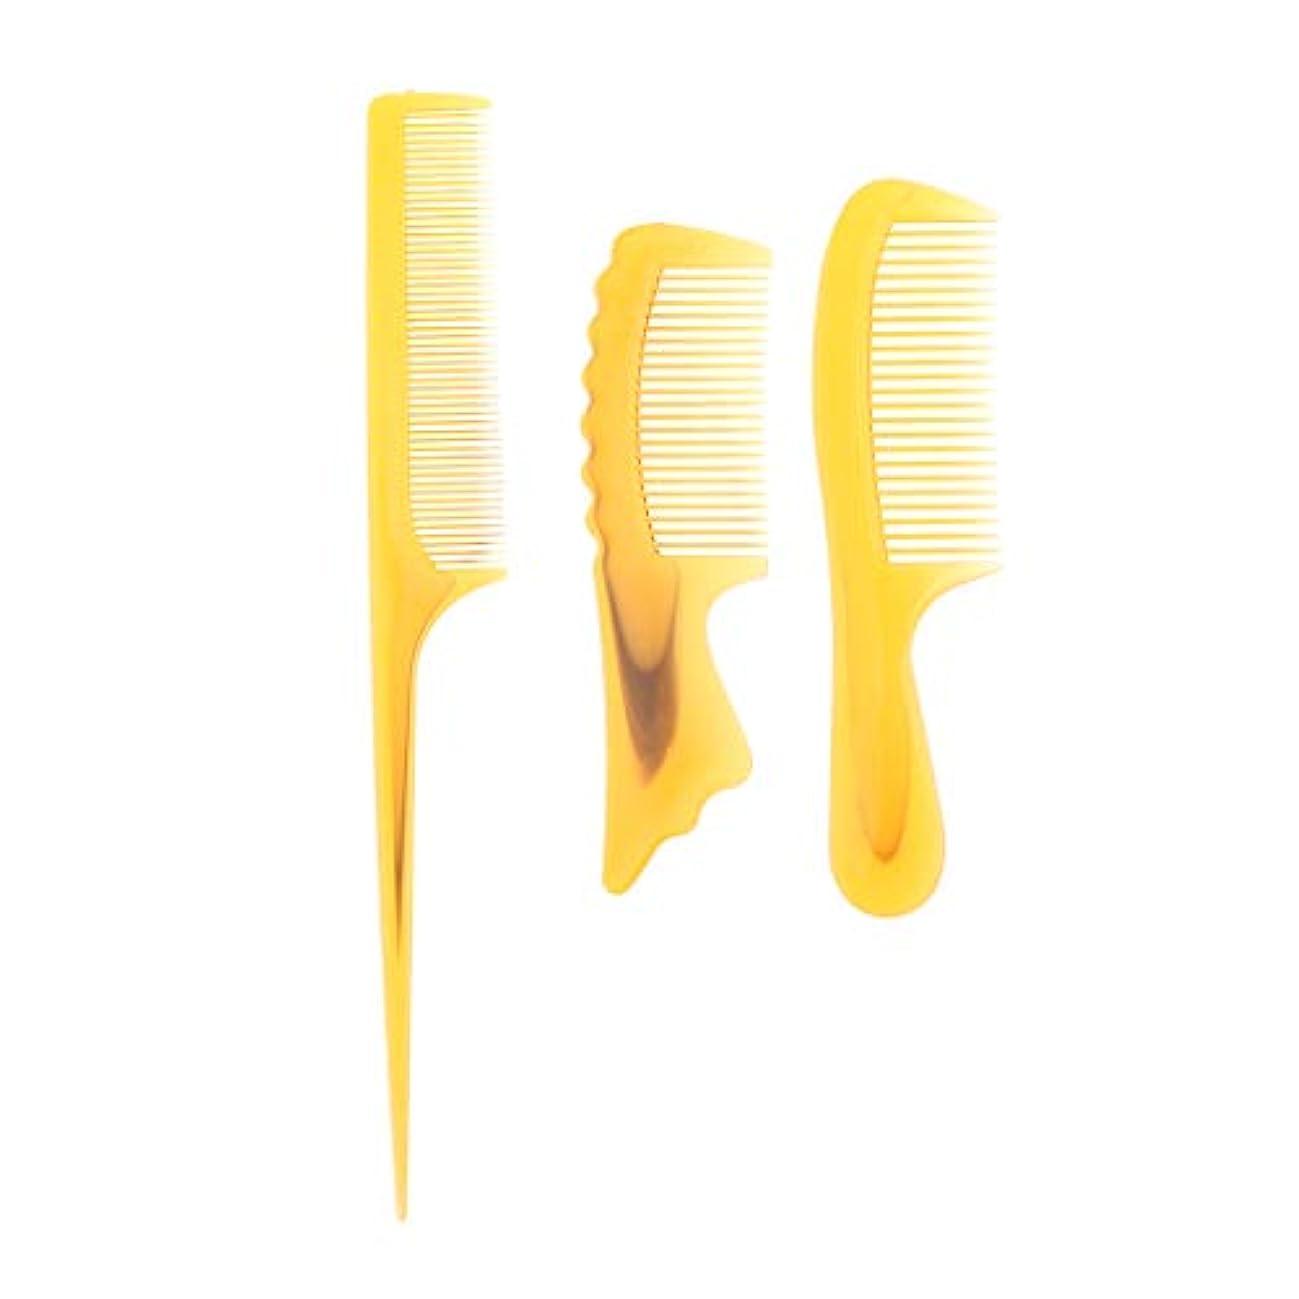 ブラザー化石質量3個 髪の櫛 静電防止櫛 ヘアブラシ ヘアコーム コーム